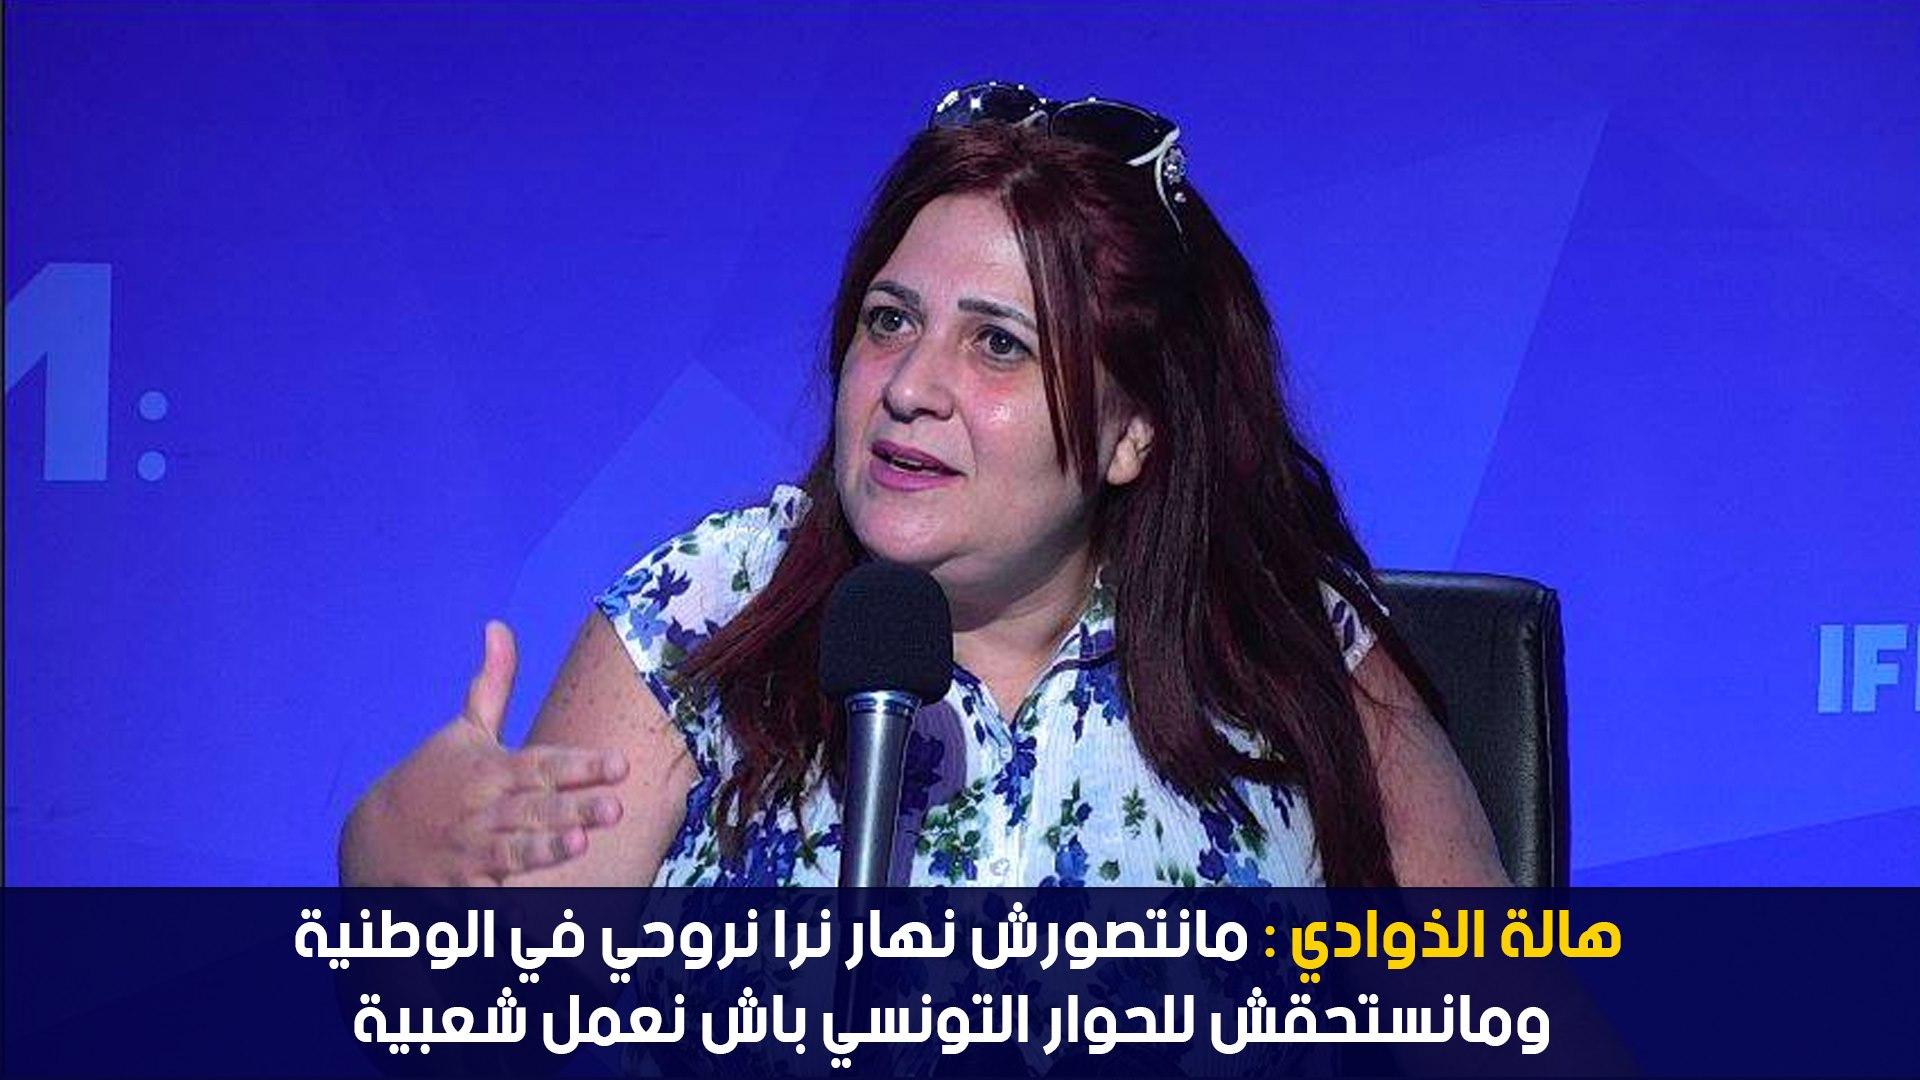 هالة الذوادي : مانتصورش نهار نرا روحي في الوطنية ومانستحقش للحوار التونسي باش نعمل شعبية